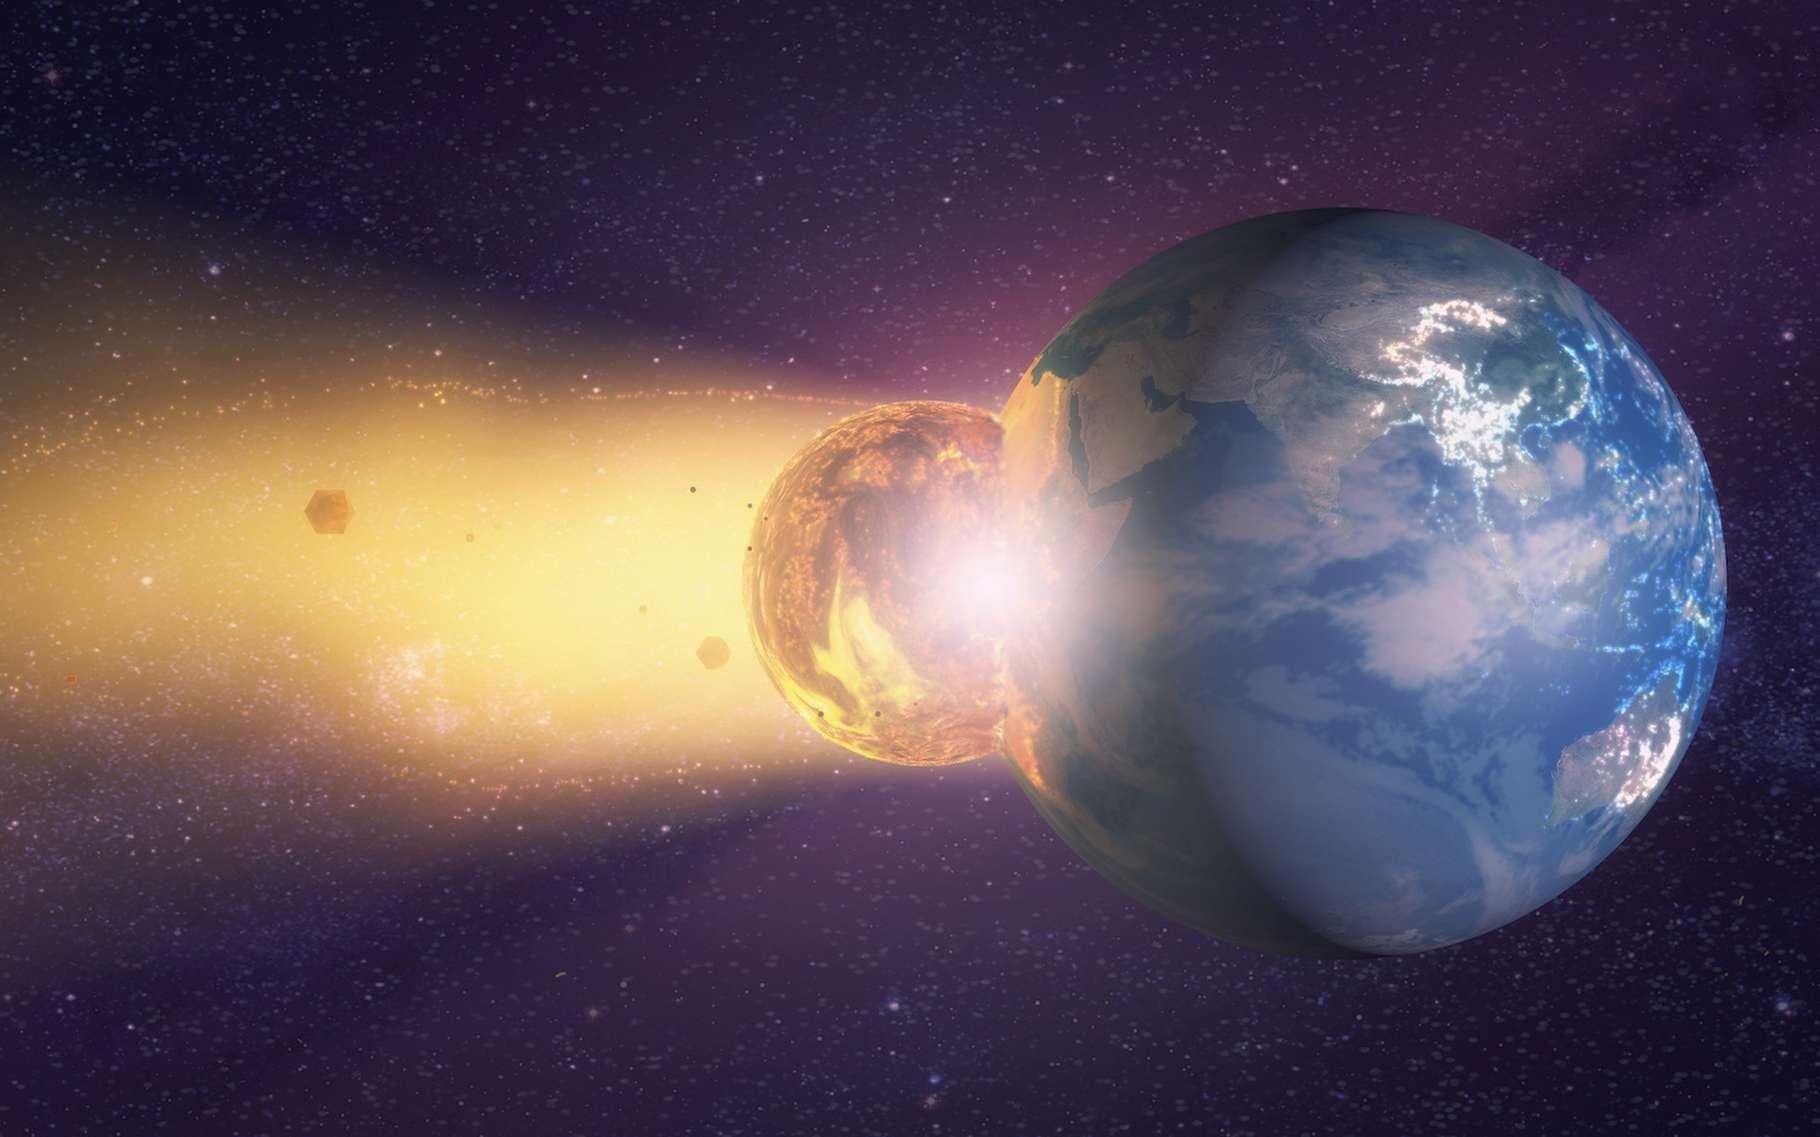 D'après les simulations de chercheurs de l'université de Durham (Royaume-Uni), notre Terre a pu perdre jusqu'à 60 % de son atmosphère dans la collision qui a donné naissance à la Lune. © Miguel Aguirre, Adobe Stock